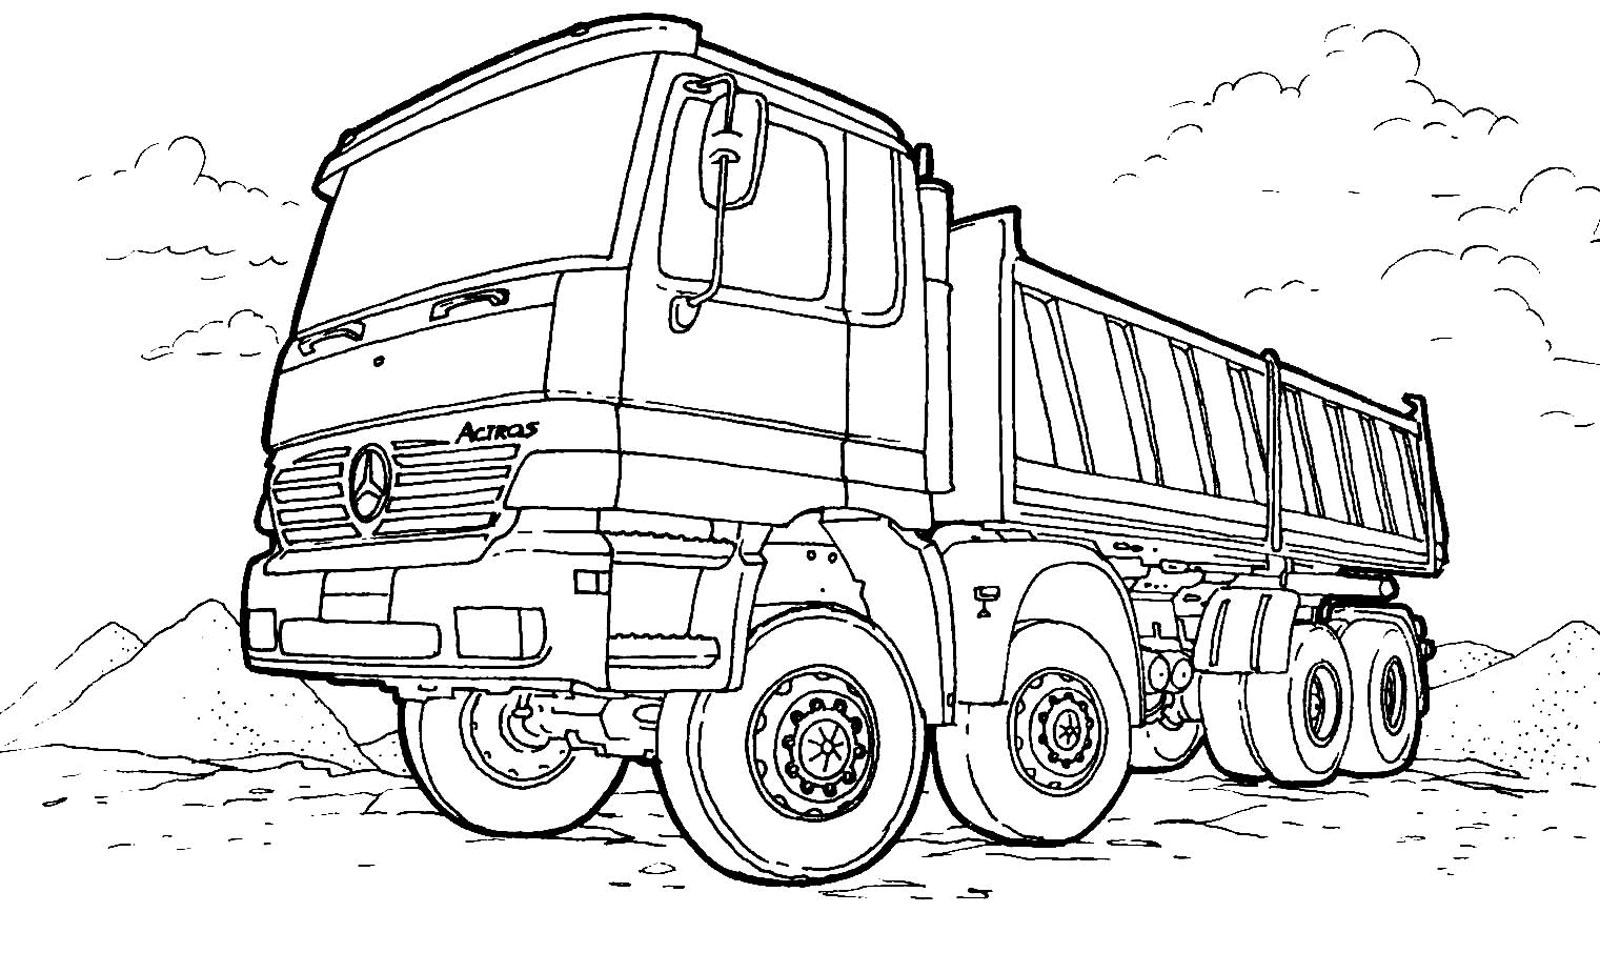 Tranh tô màu xe tải đẹp, ấn tượng nhất